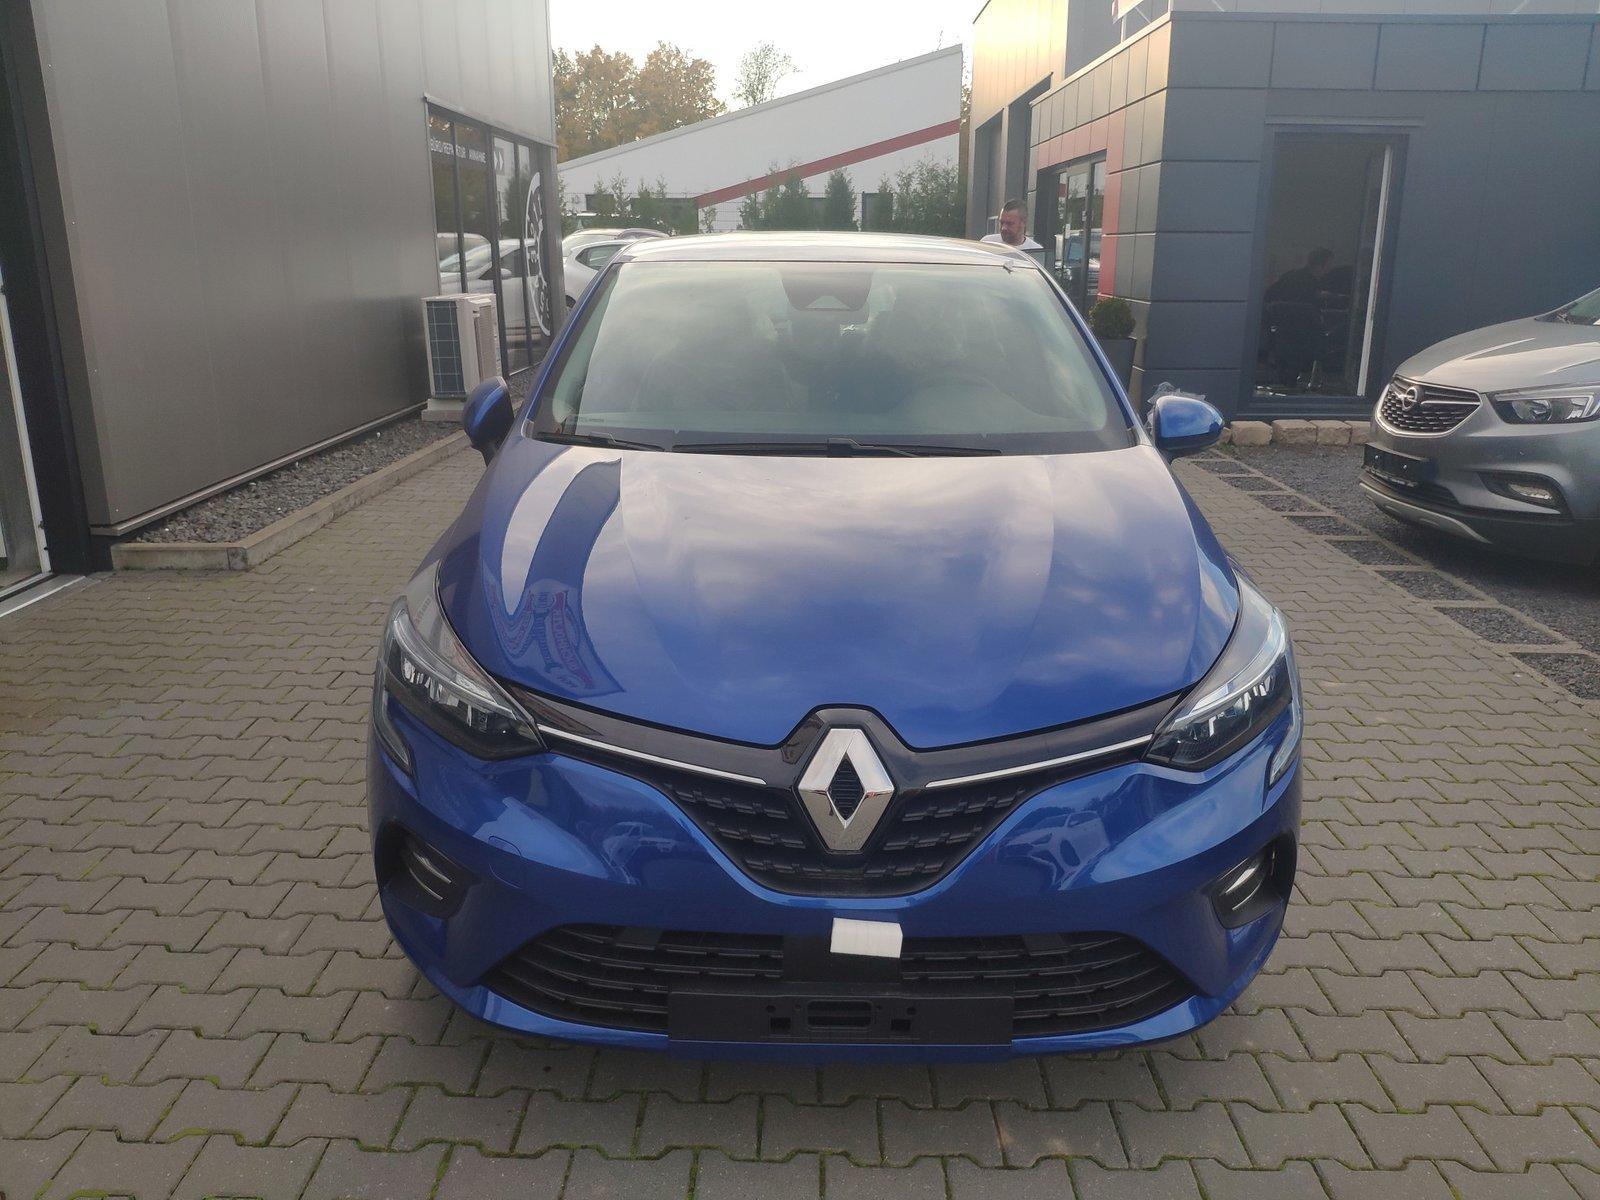 Renault Clio V *5J.Garantie*LED*Shzg*PDC*AppConnect